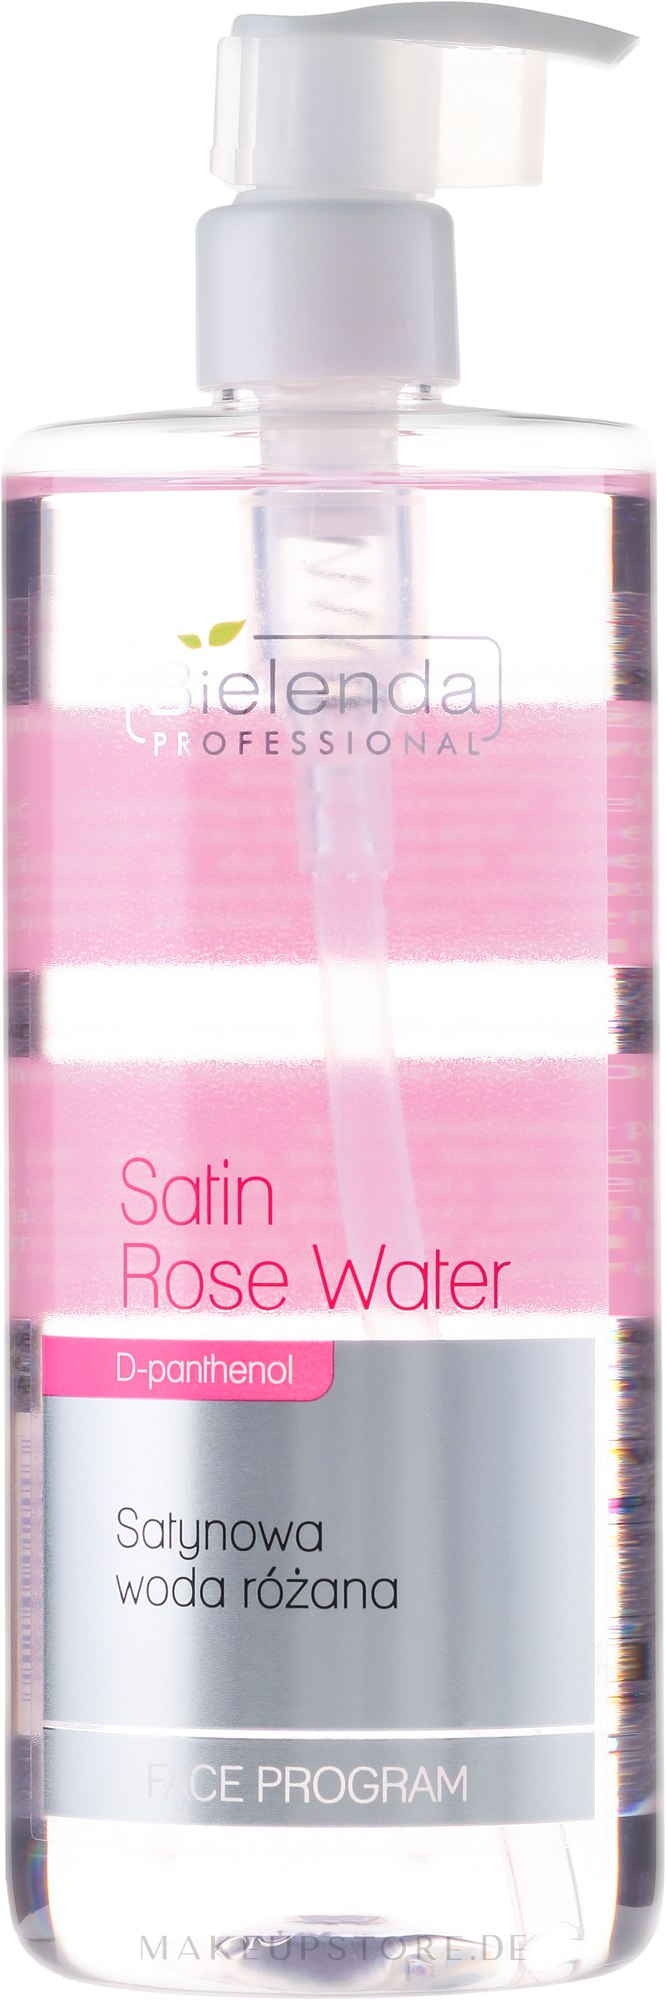 Satin Rosenwasser mit Rosenblütenextrakt, D-Panthenol und Harnstoff - Bielenda Professional Face Program Satin Rose Water — Bild 500 ml